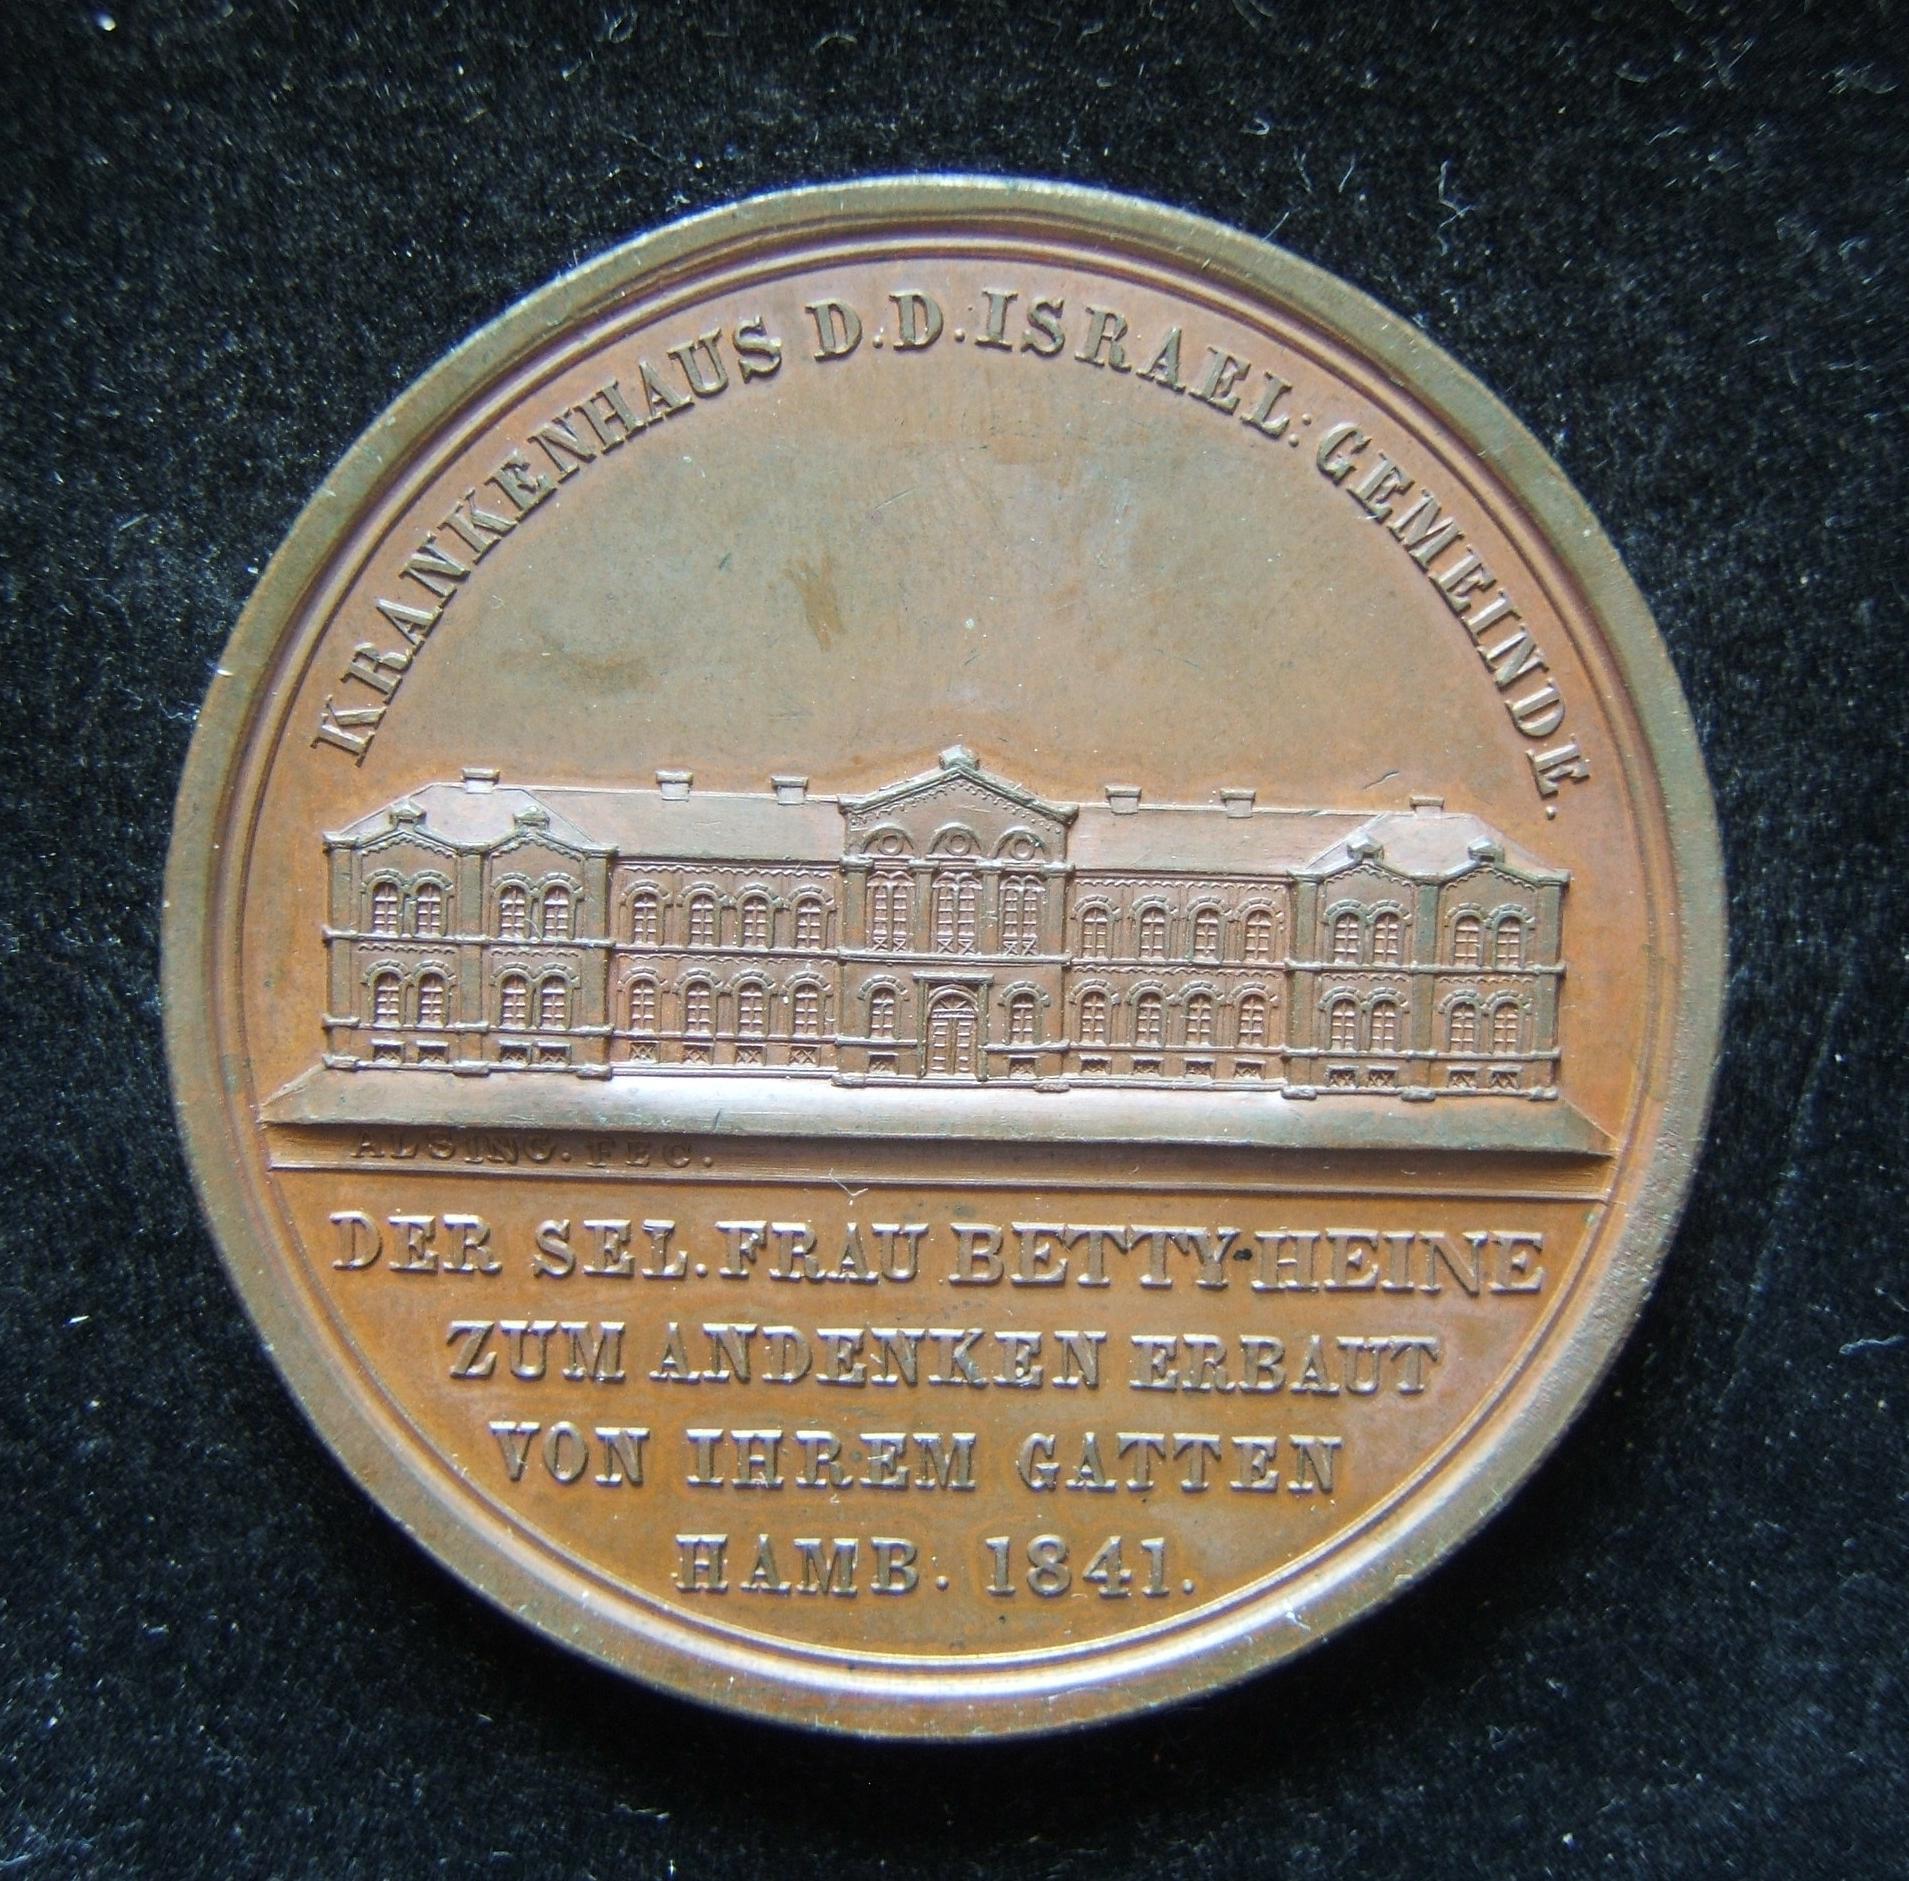 مستشفى يهودي جديد هامبورغ برونزية ميدالية يهودية بقلم هانز فريدريش ألسنج ، 1841